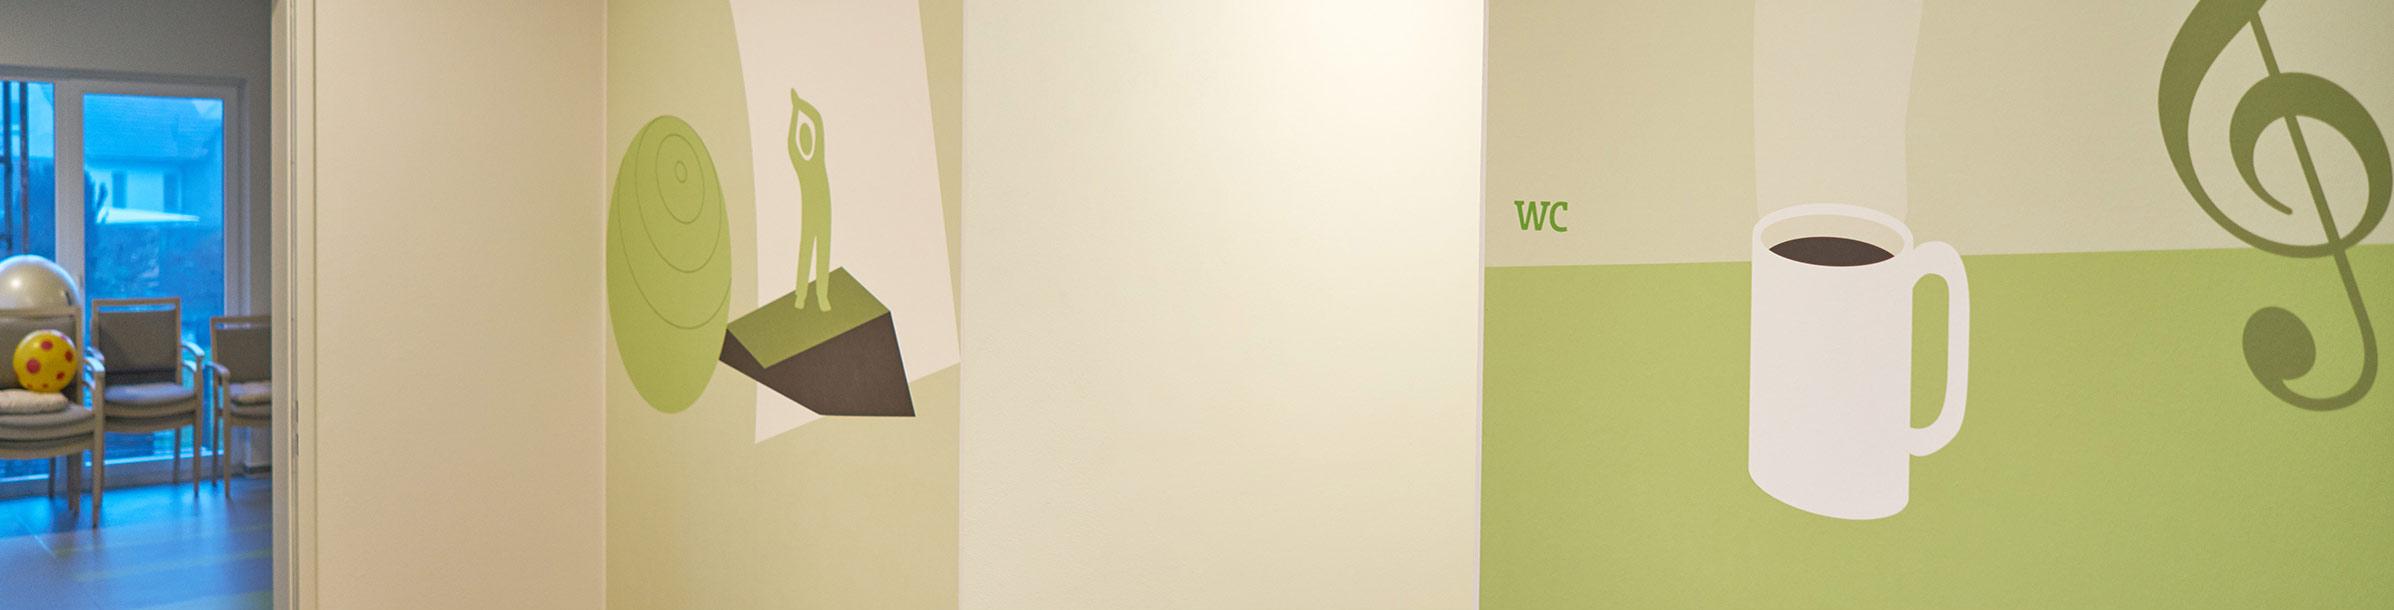 thematische Wandgrafiken helfen bei der Orientierung